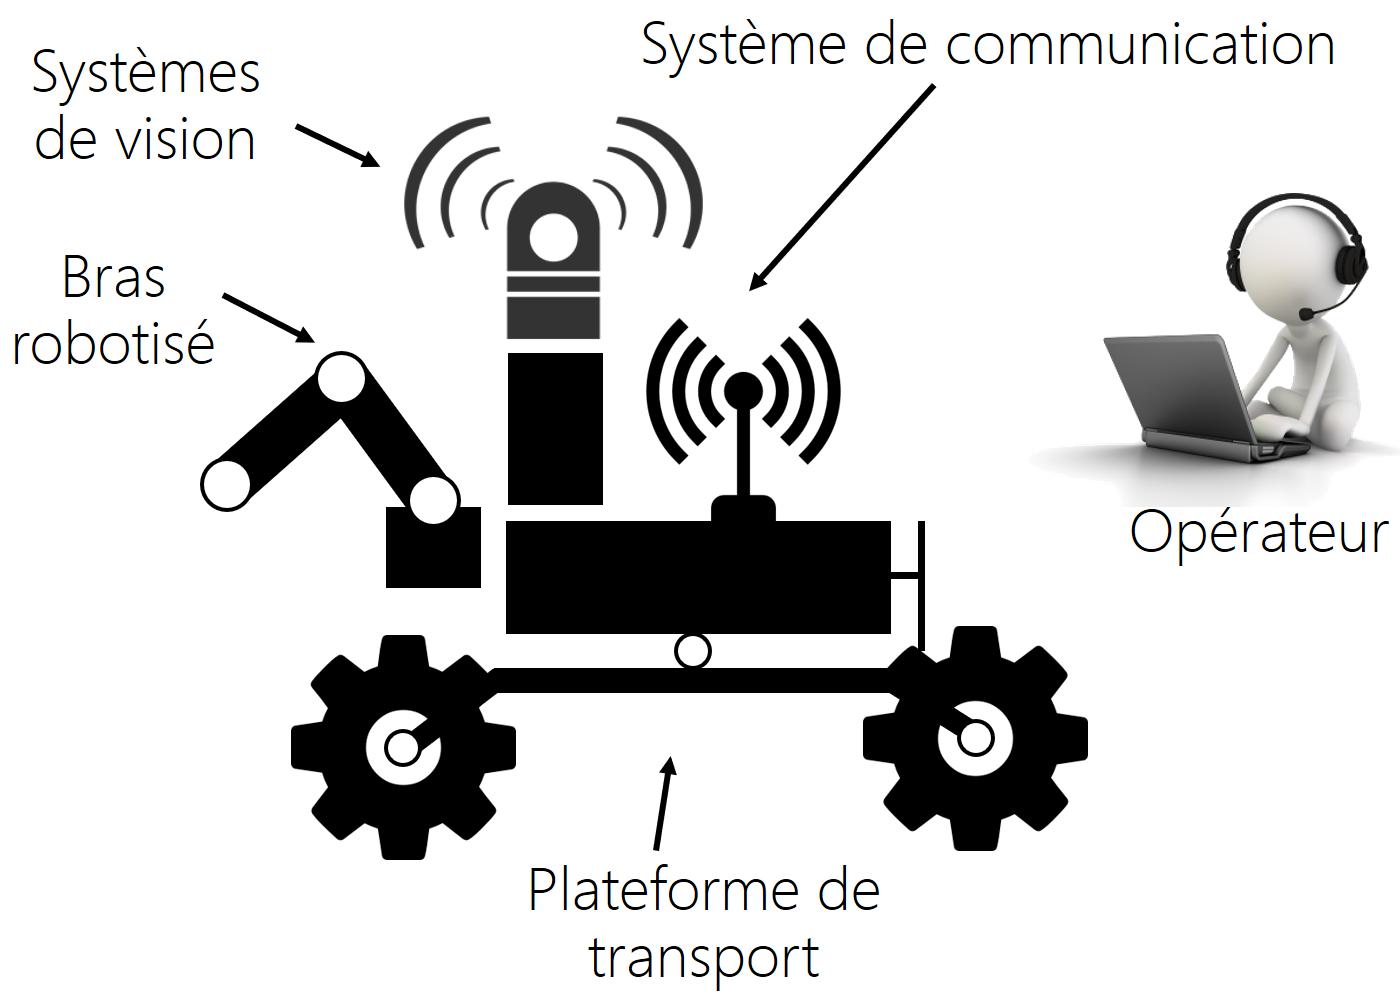 rover schema